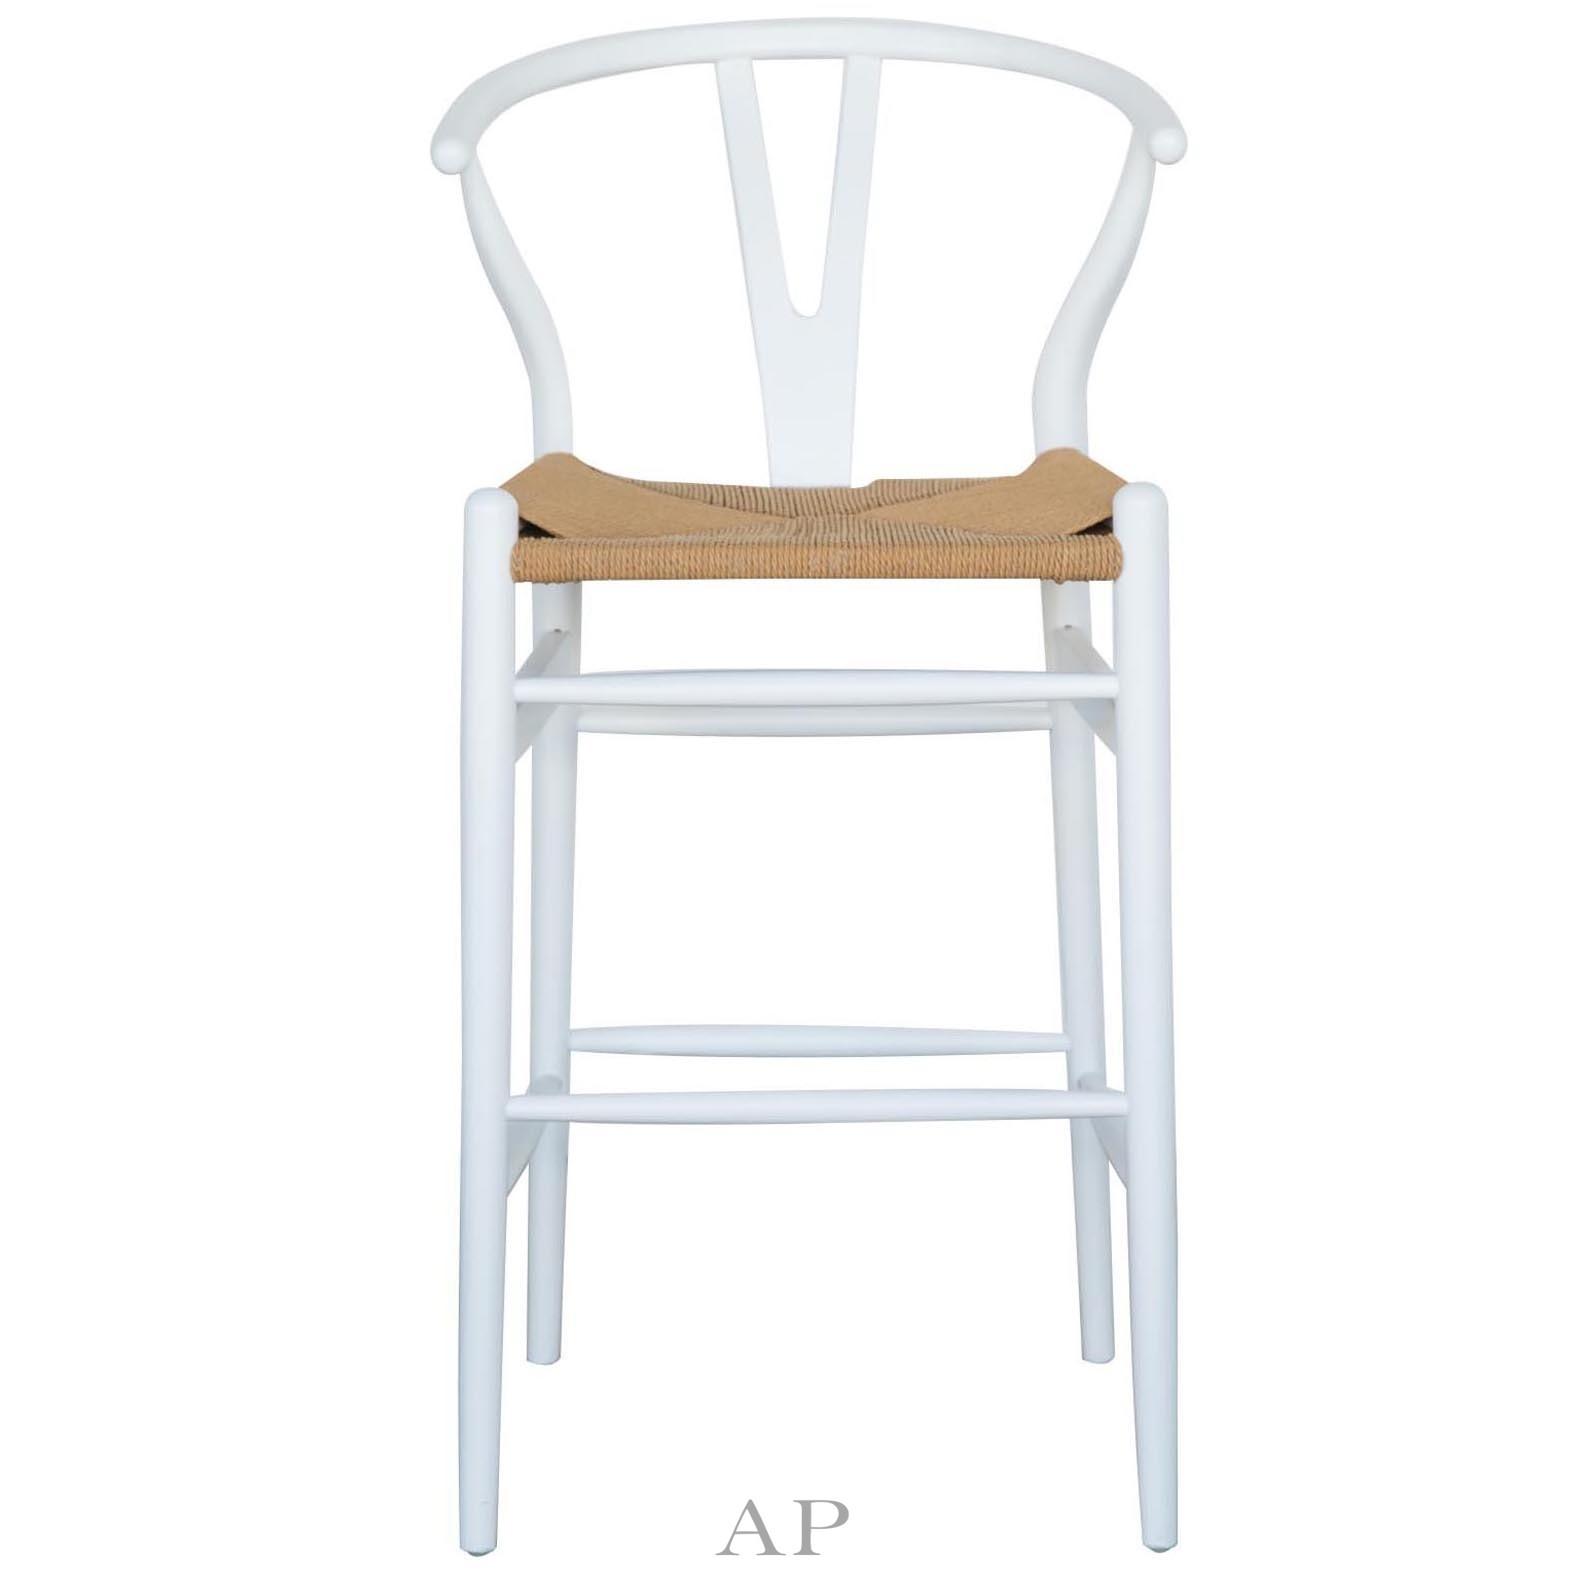 Hans-Wegner-Wishbone-replica-barstool-white-natural-front-view-apfurniture